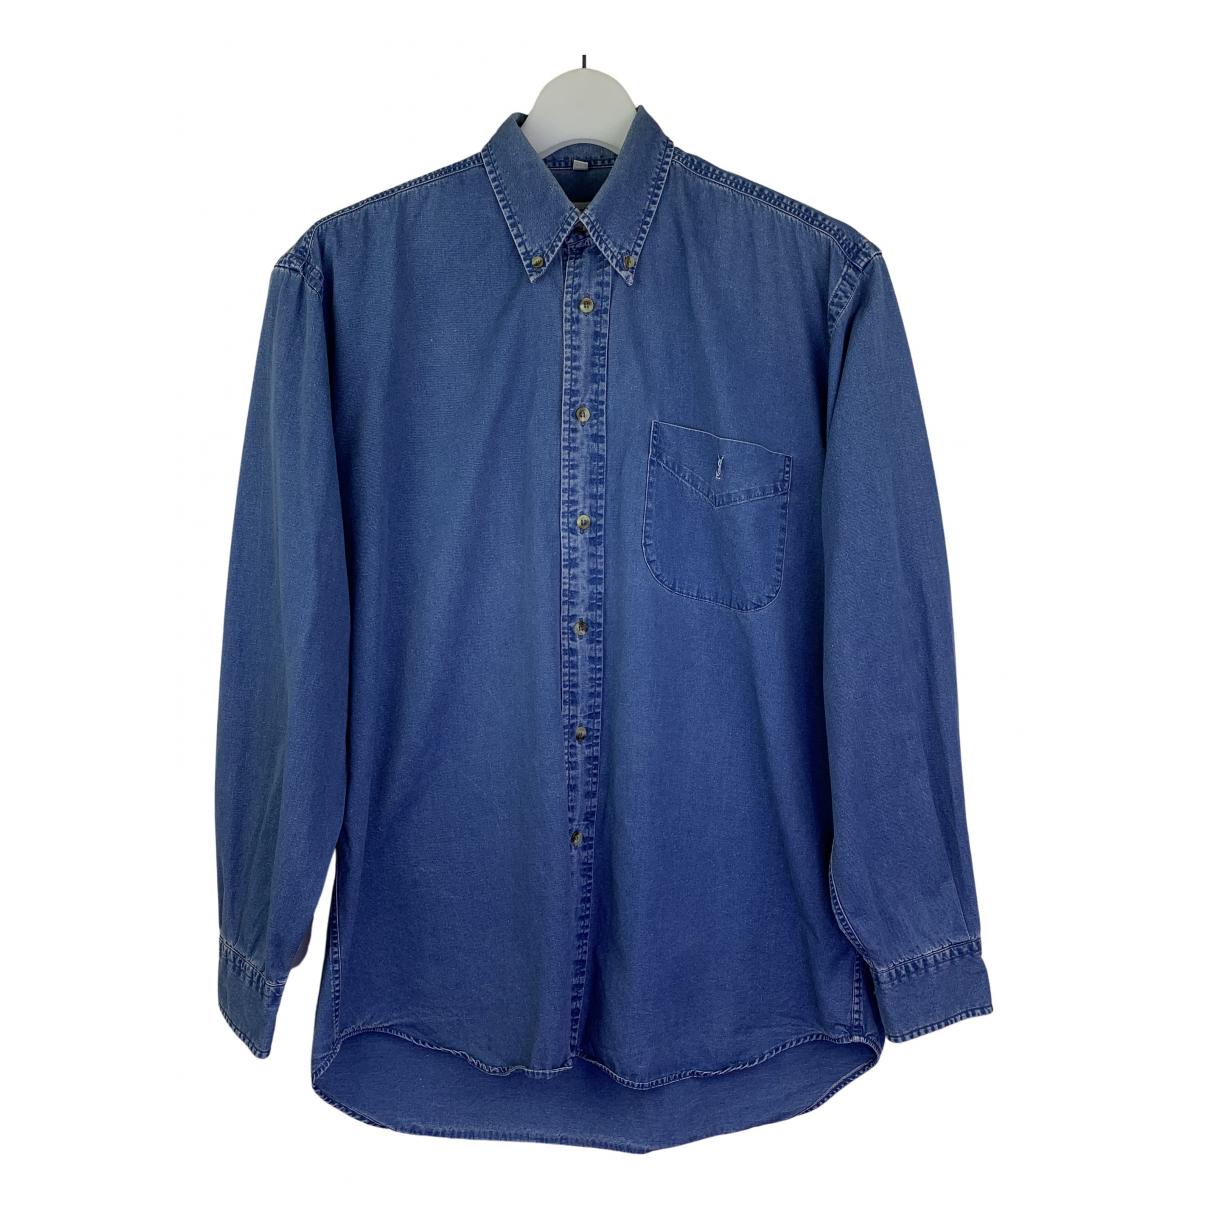 Yves Saint Laurent \N Hemden in  Blau Denim - Jeans